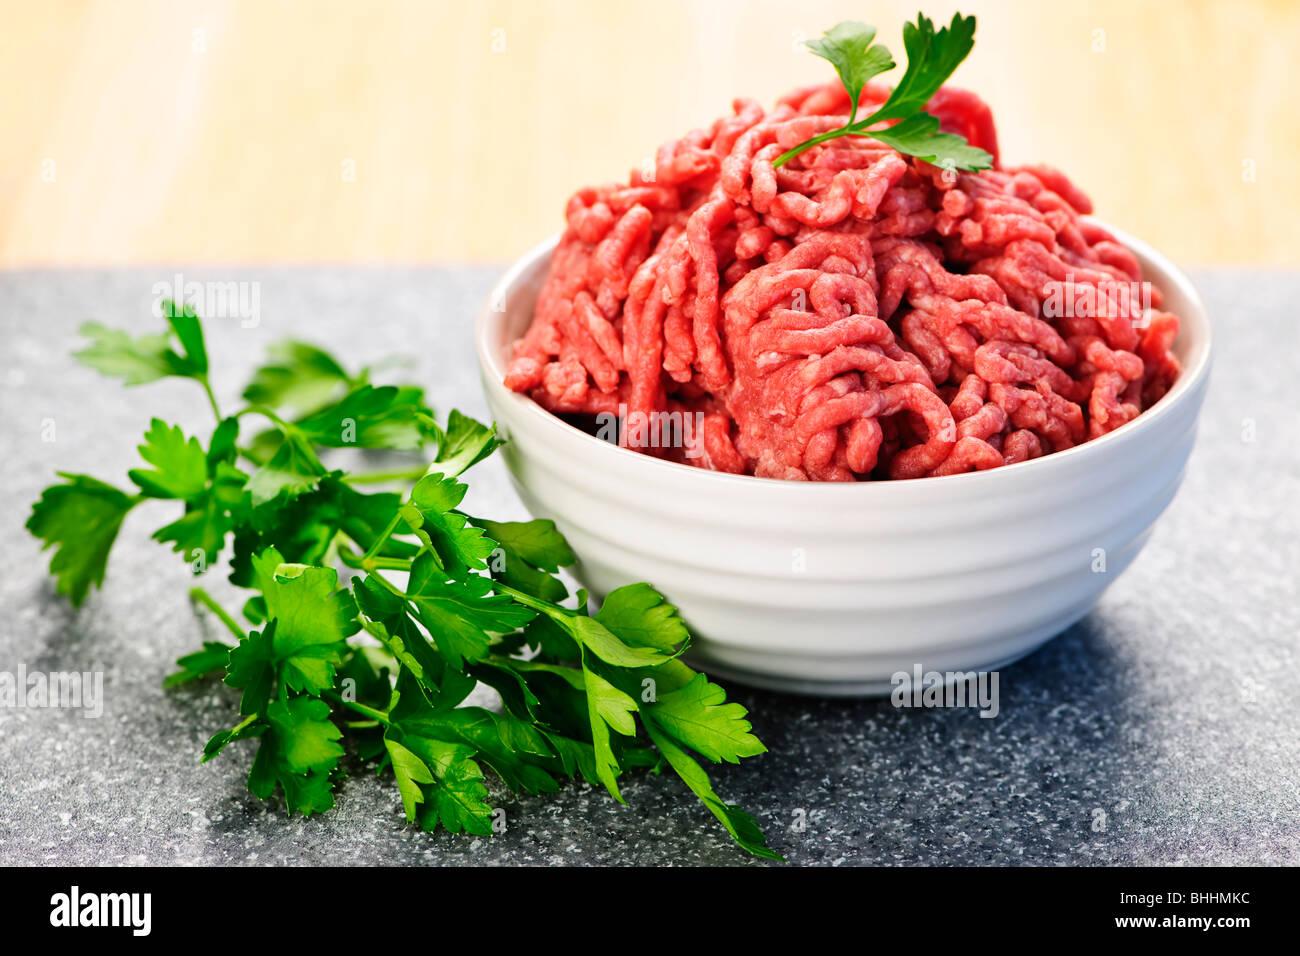 Schale mit roten rohes mageres Fleisch hautnah Stockbild